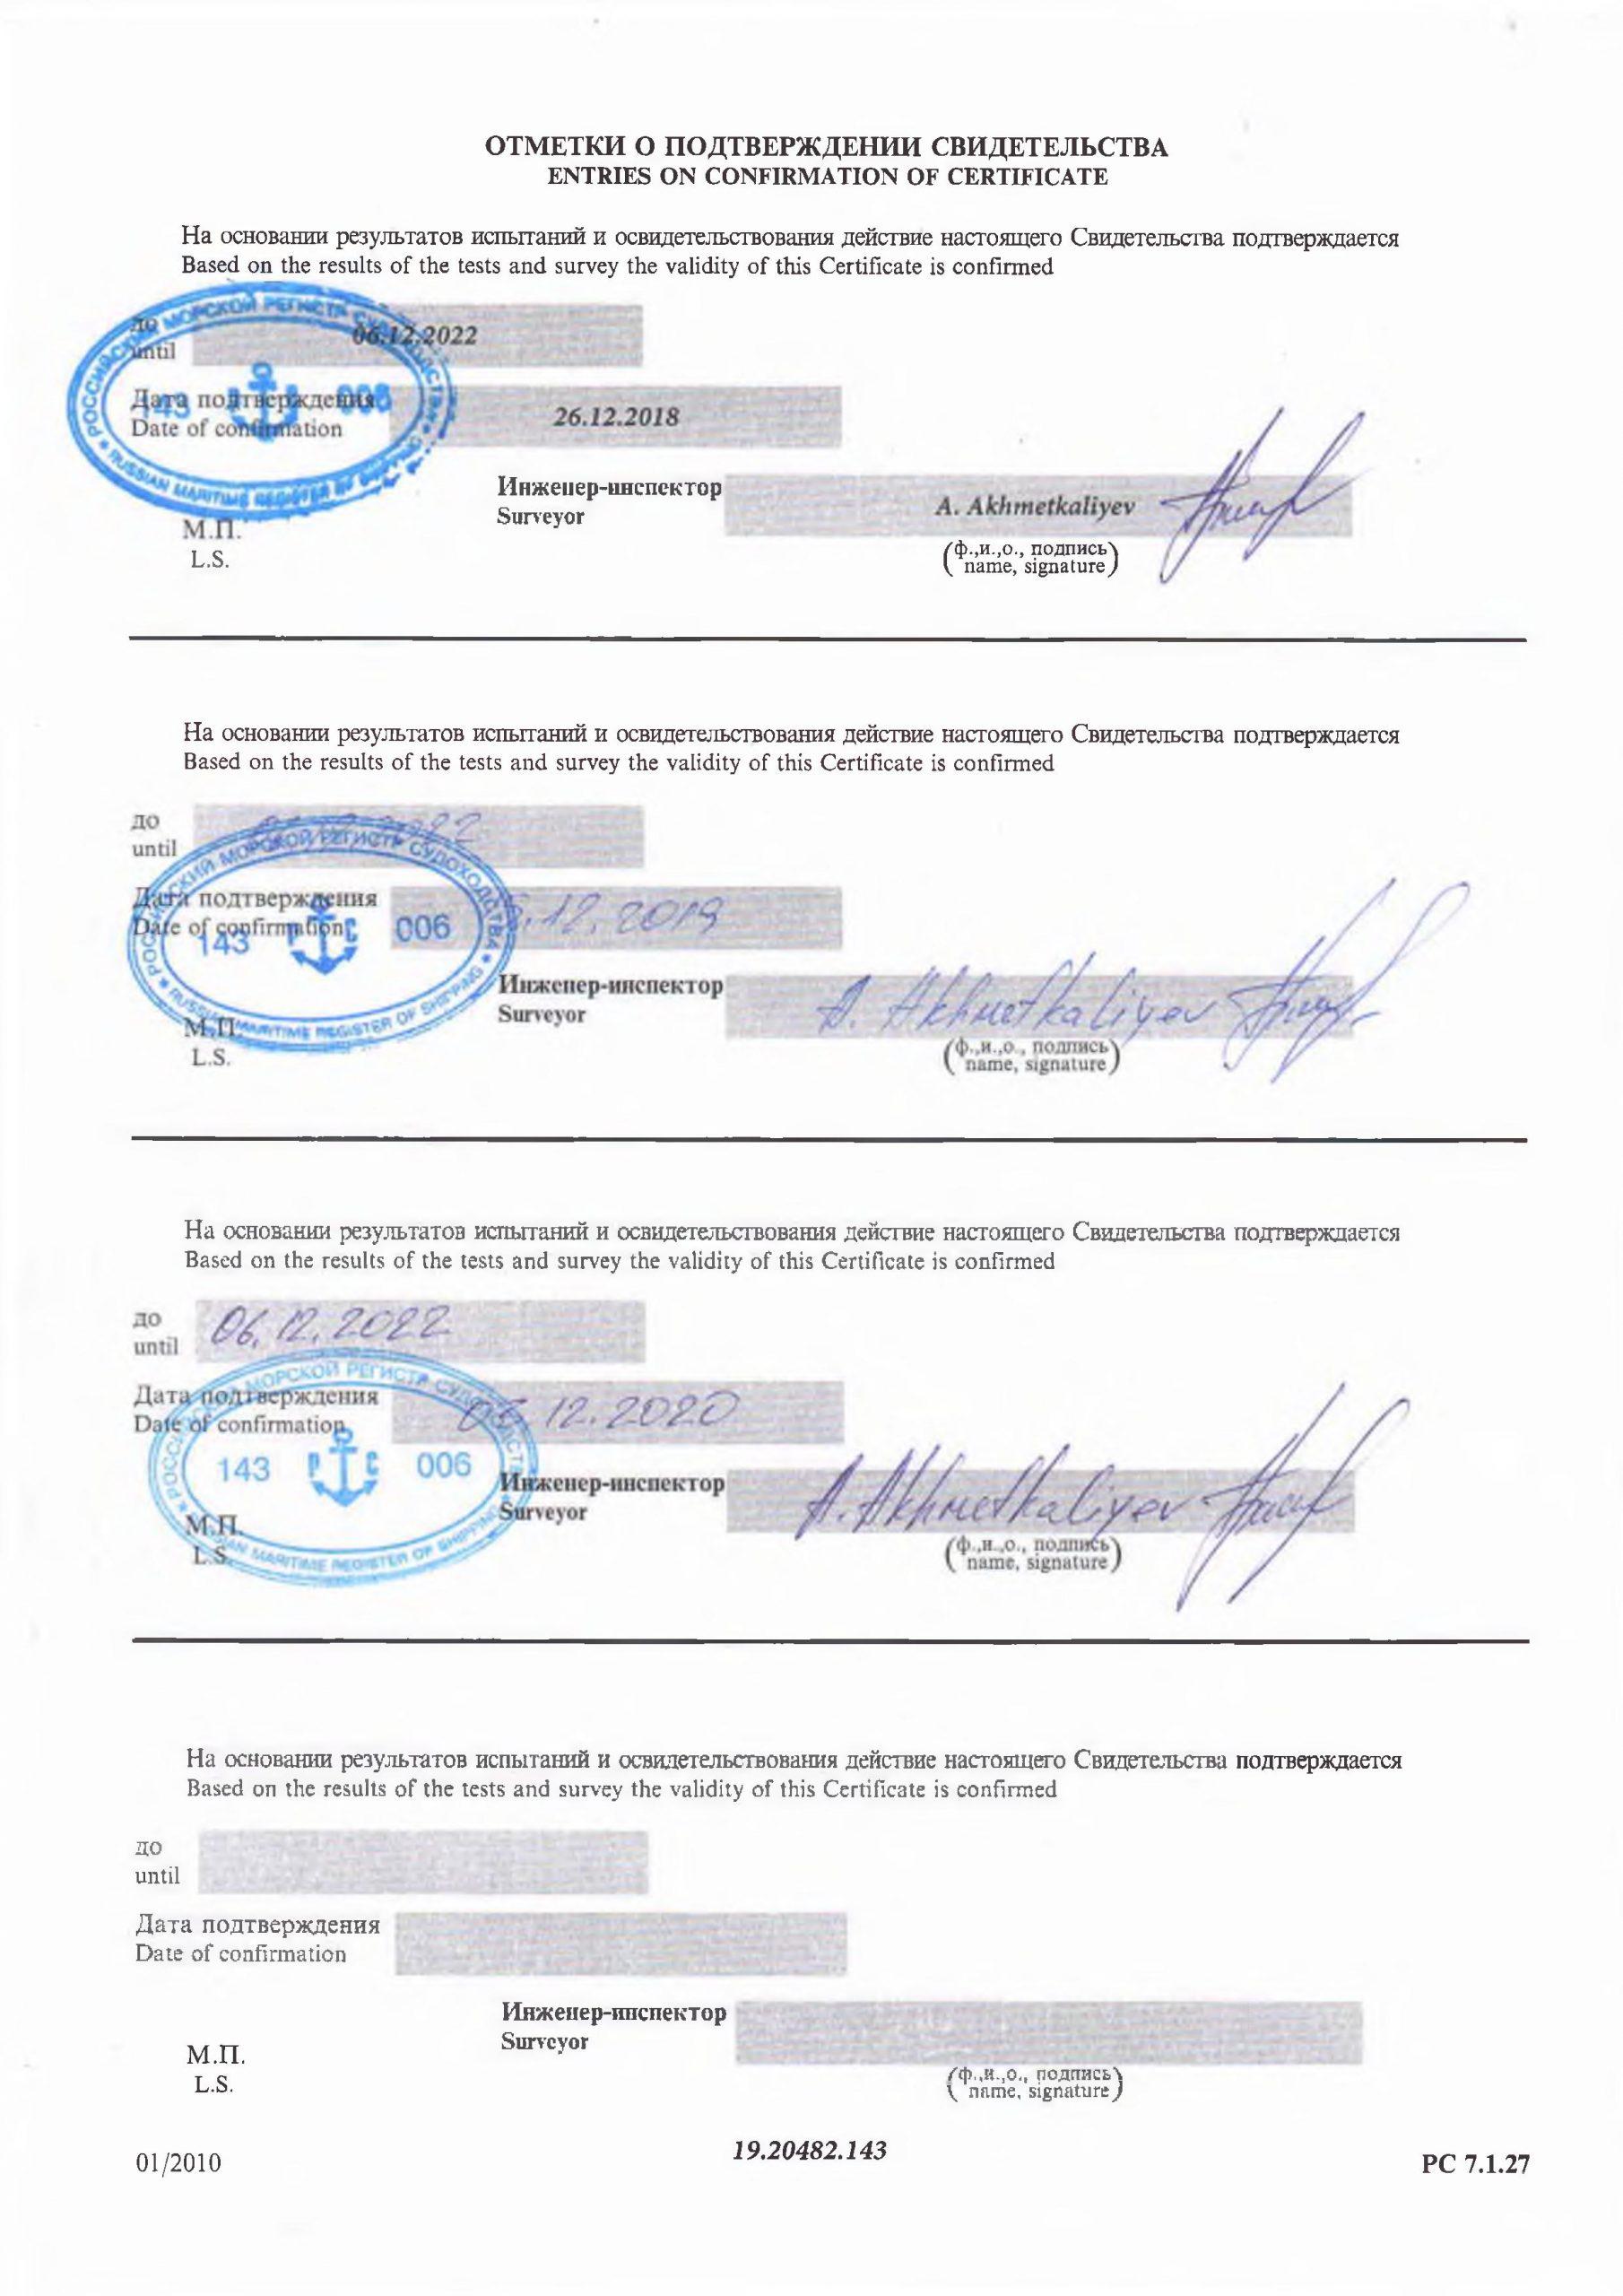 Свид. о соответсвии ССЗС, МНУ - Приложение